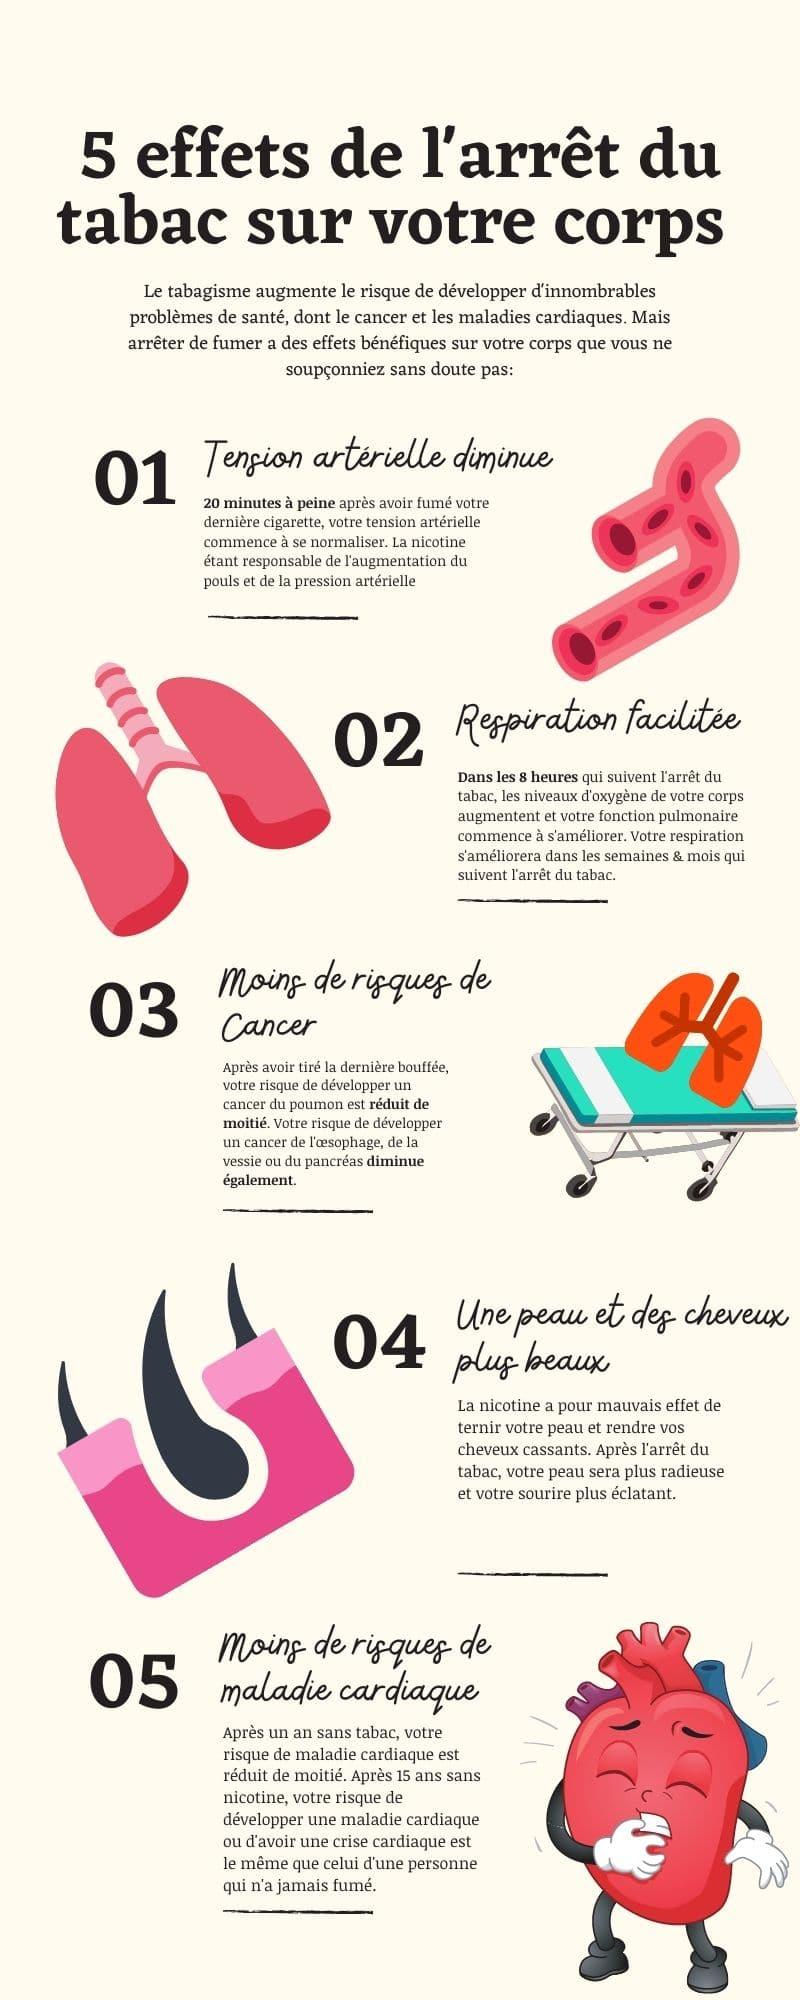 5 effet de l'arrêt du tabac sur votre corps